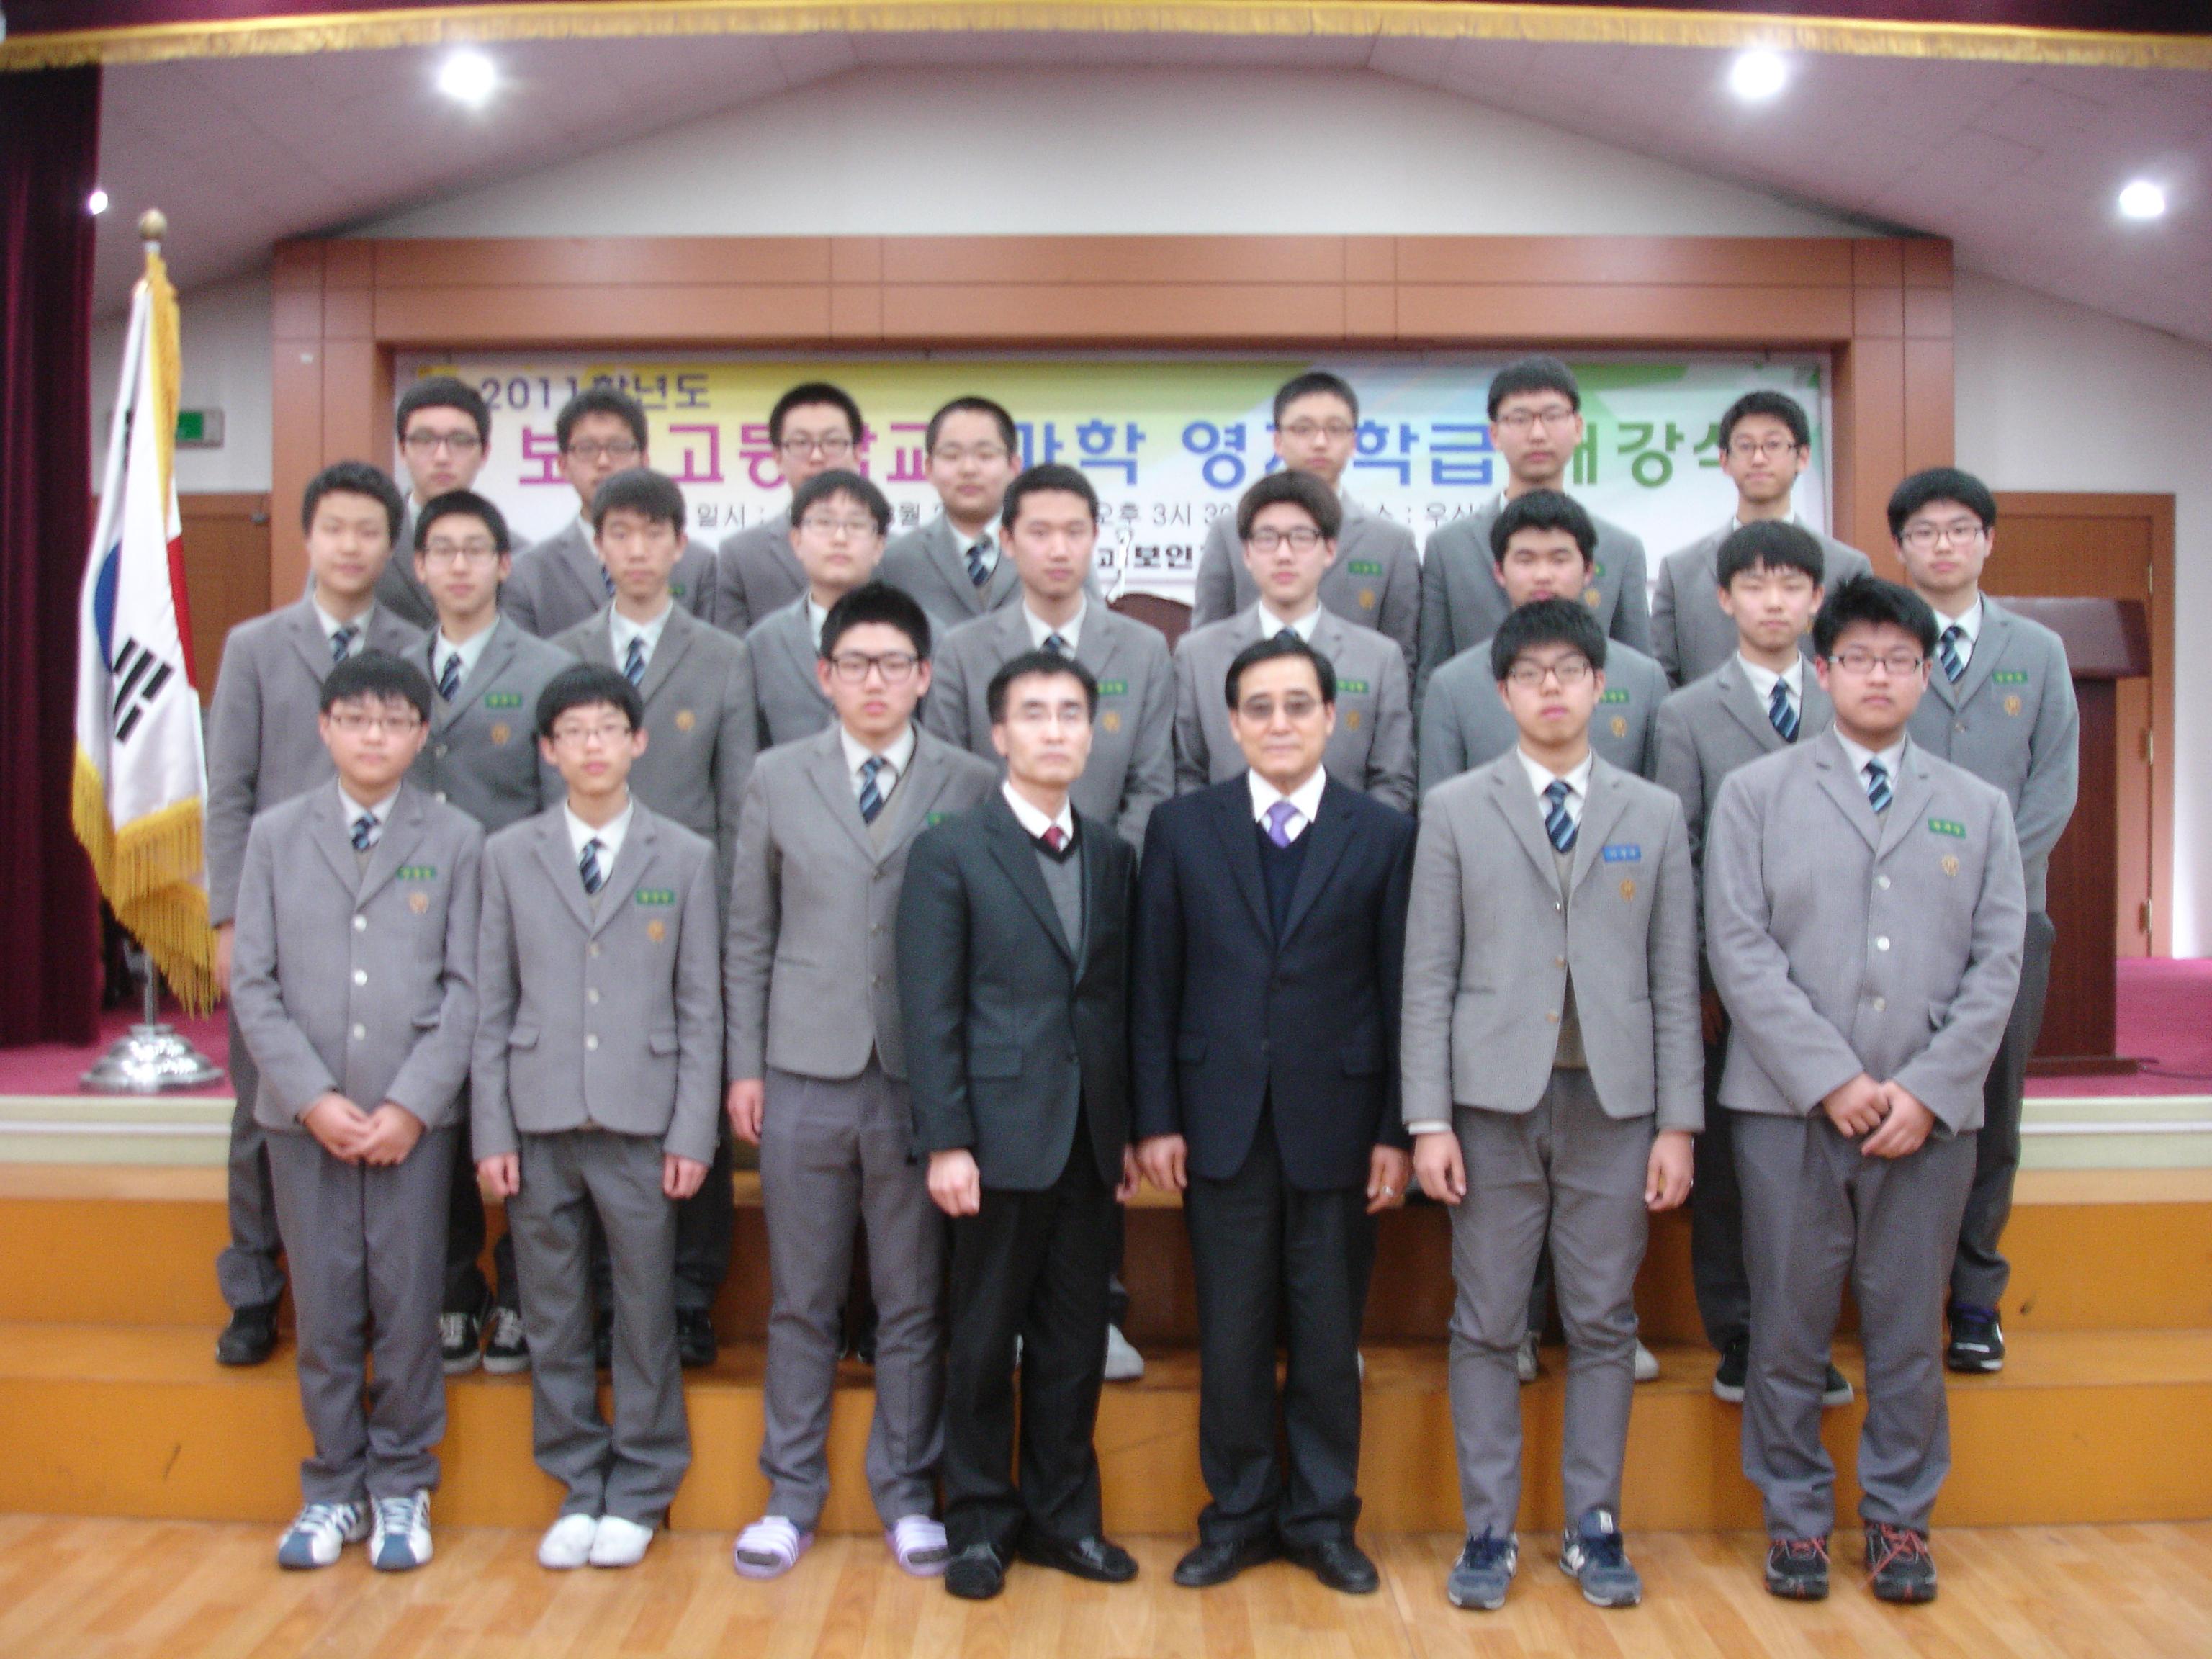 2011 과학영재학급 개강식 첨부이미지